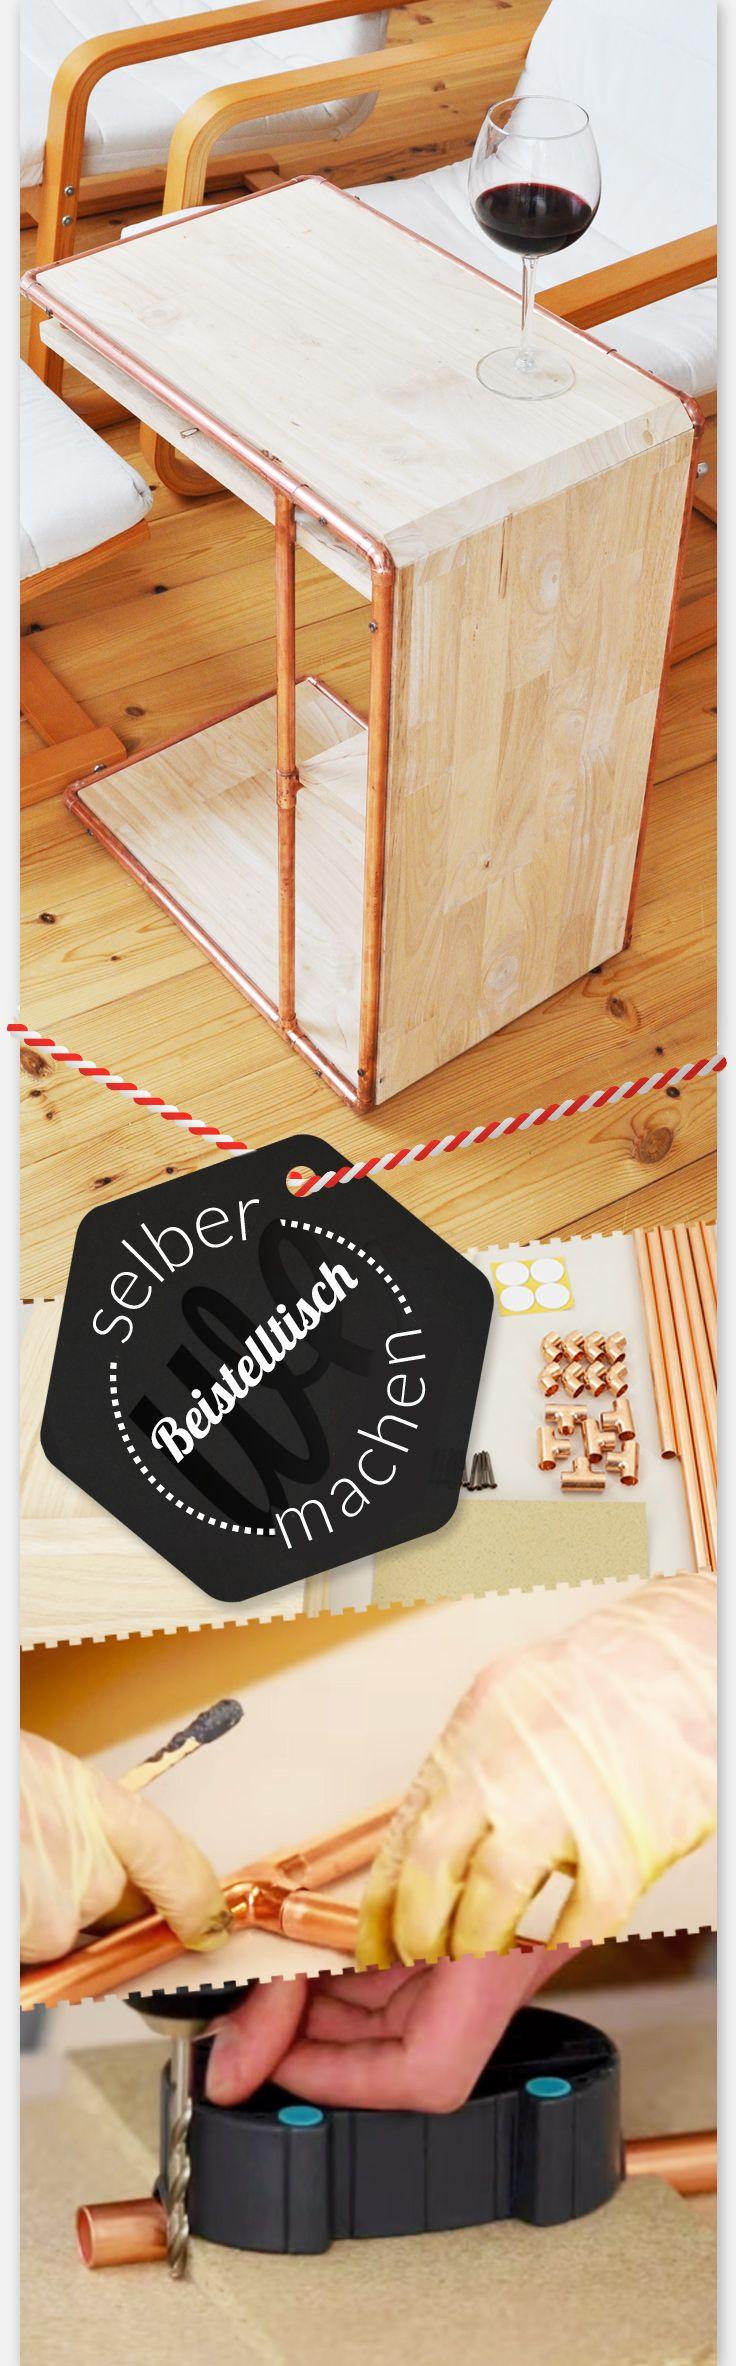 Komplette bauanleitung für diy beistelltisch fürs wohnzimmer aus holz und kupfer einfache anleitung als videotutorial